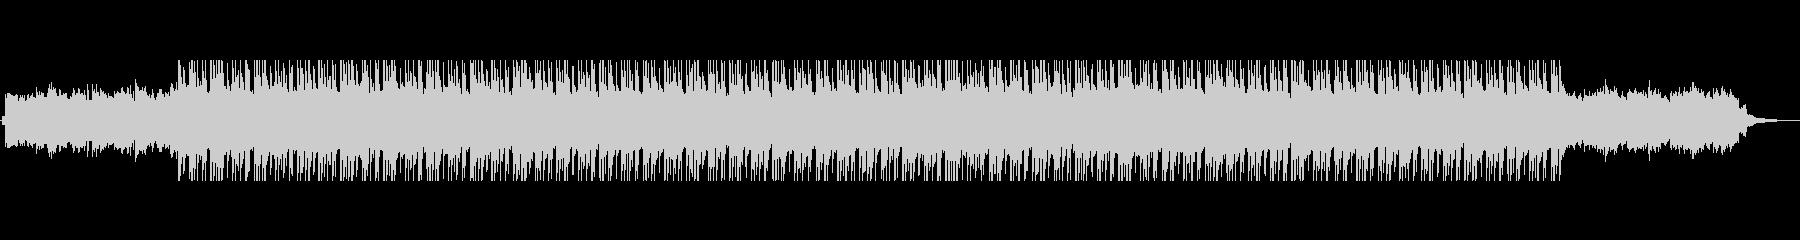 おしゃれでエモいエレクトロビートの未再生の波形